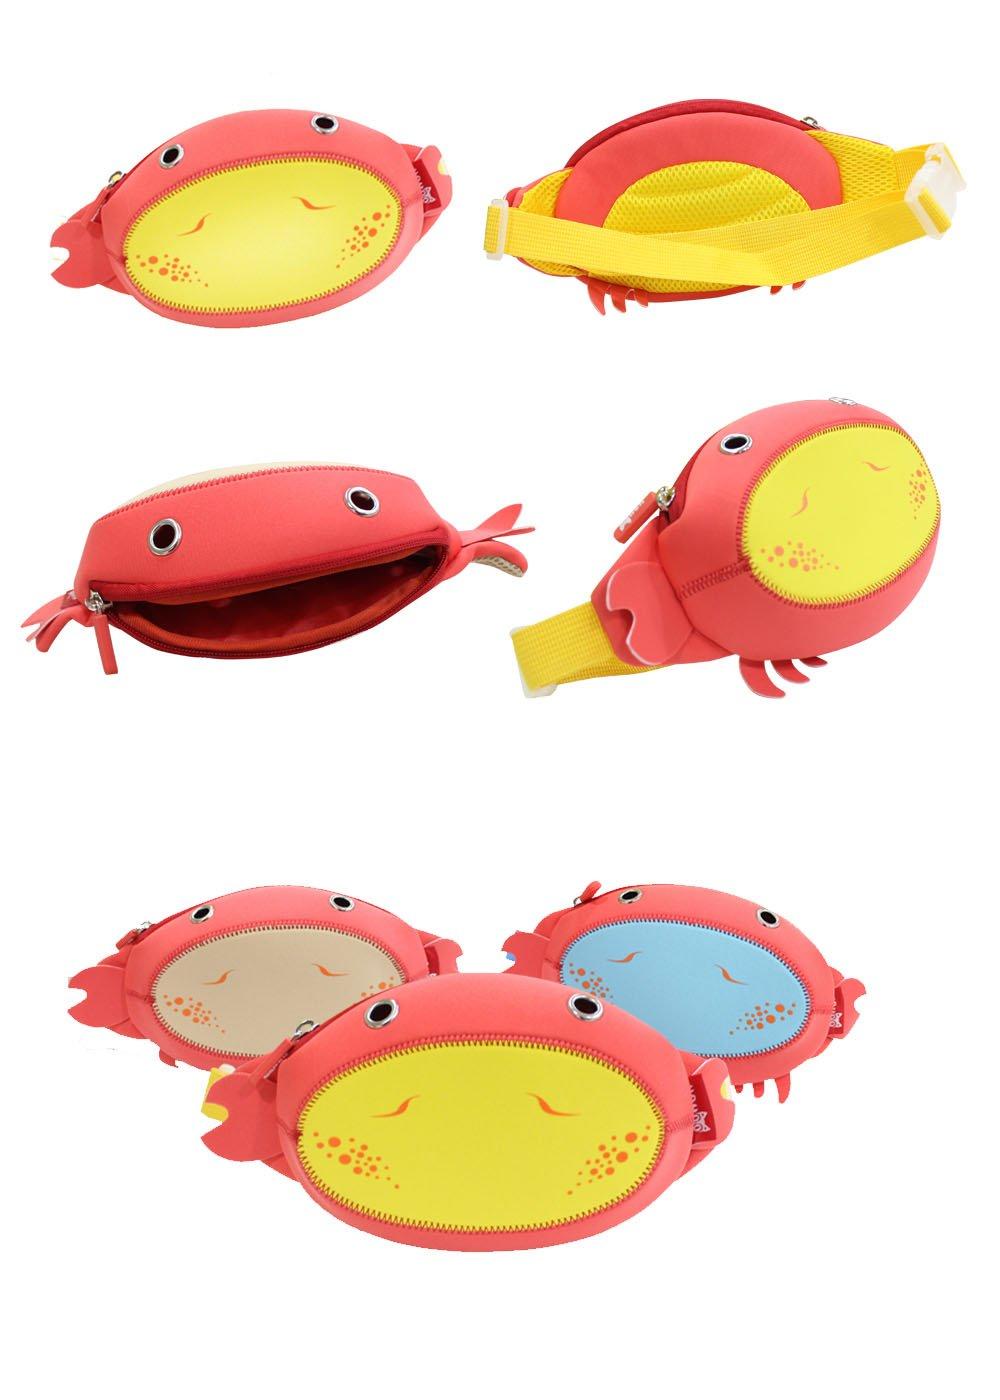 Nohoo Children Products-Neoprene Lightweight Kindergarten Baby Waist Bag For Preschool Kids